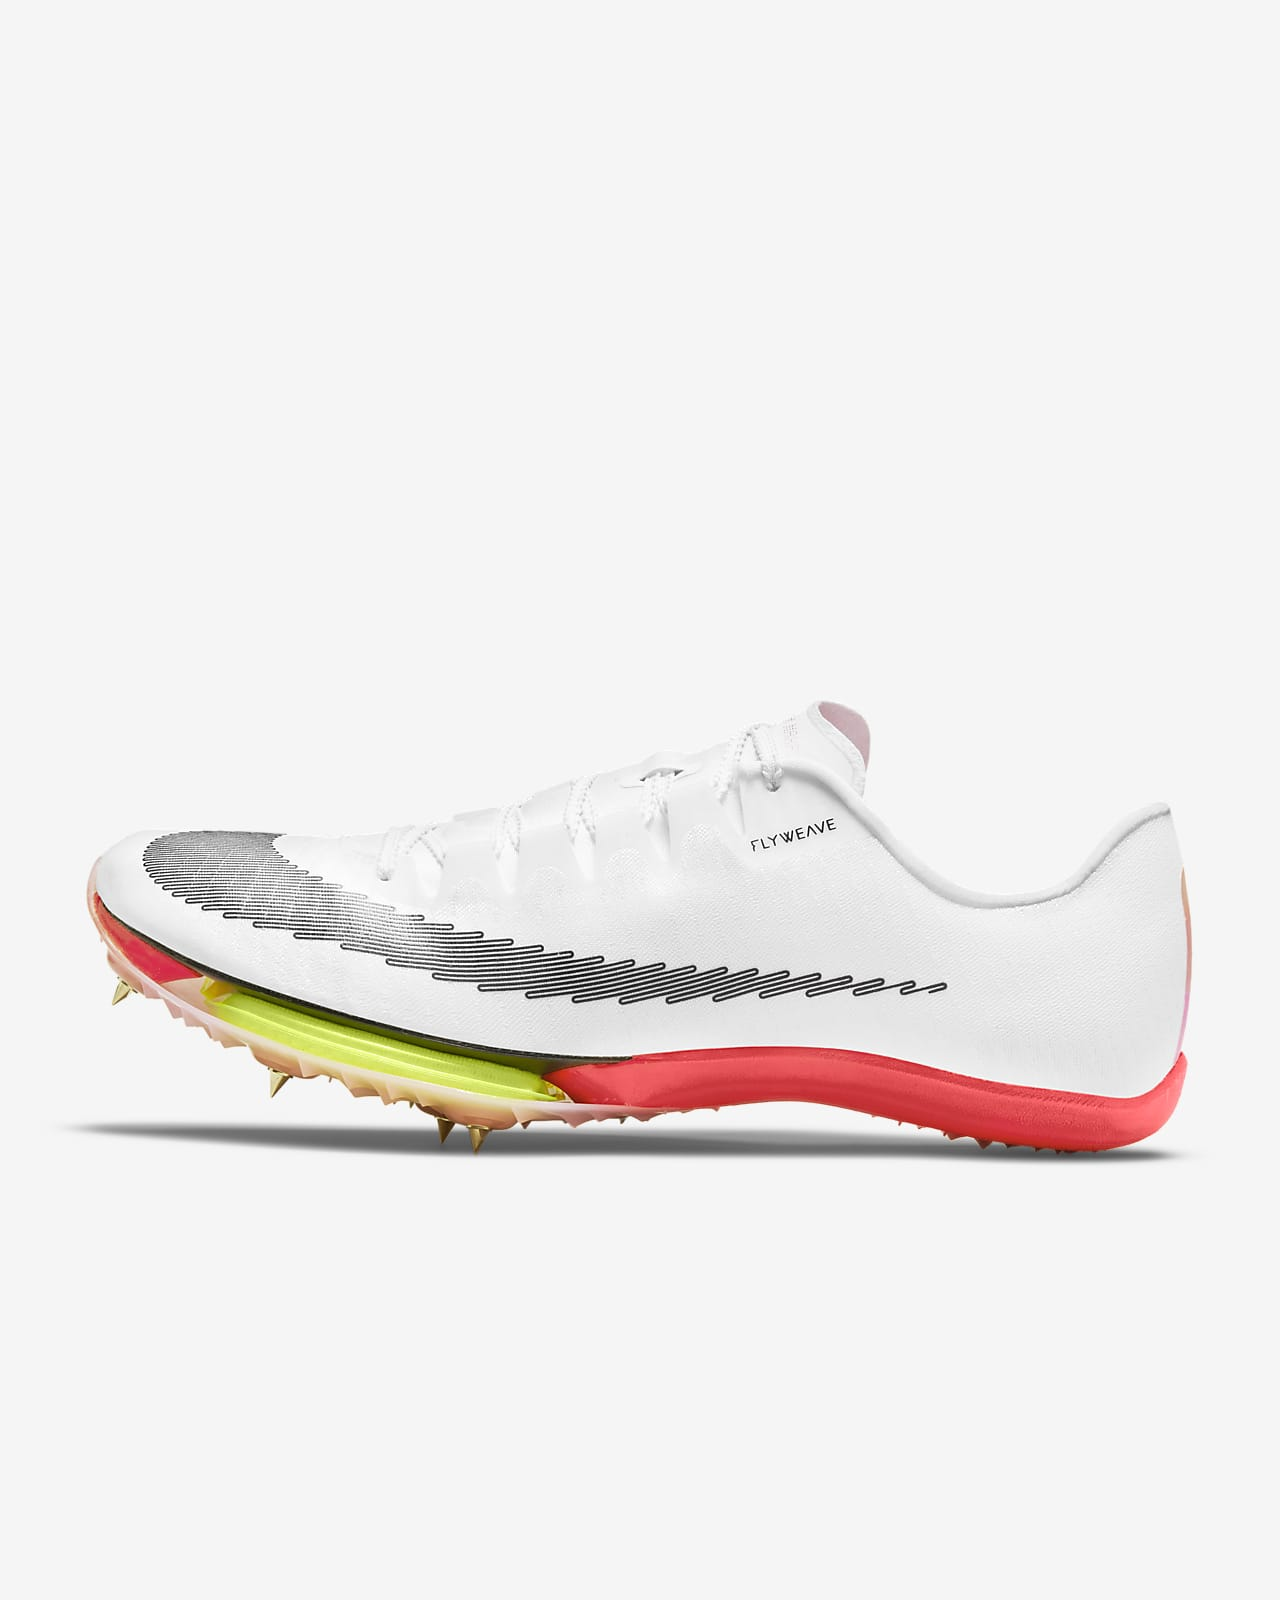 Tävlingspiksko Nike Air Zoom Maxfly